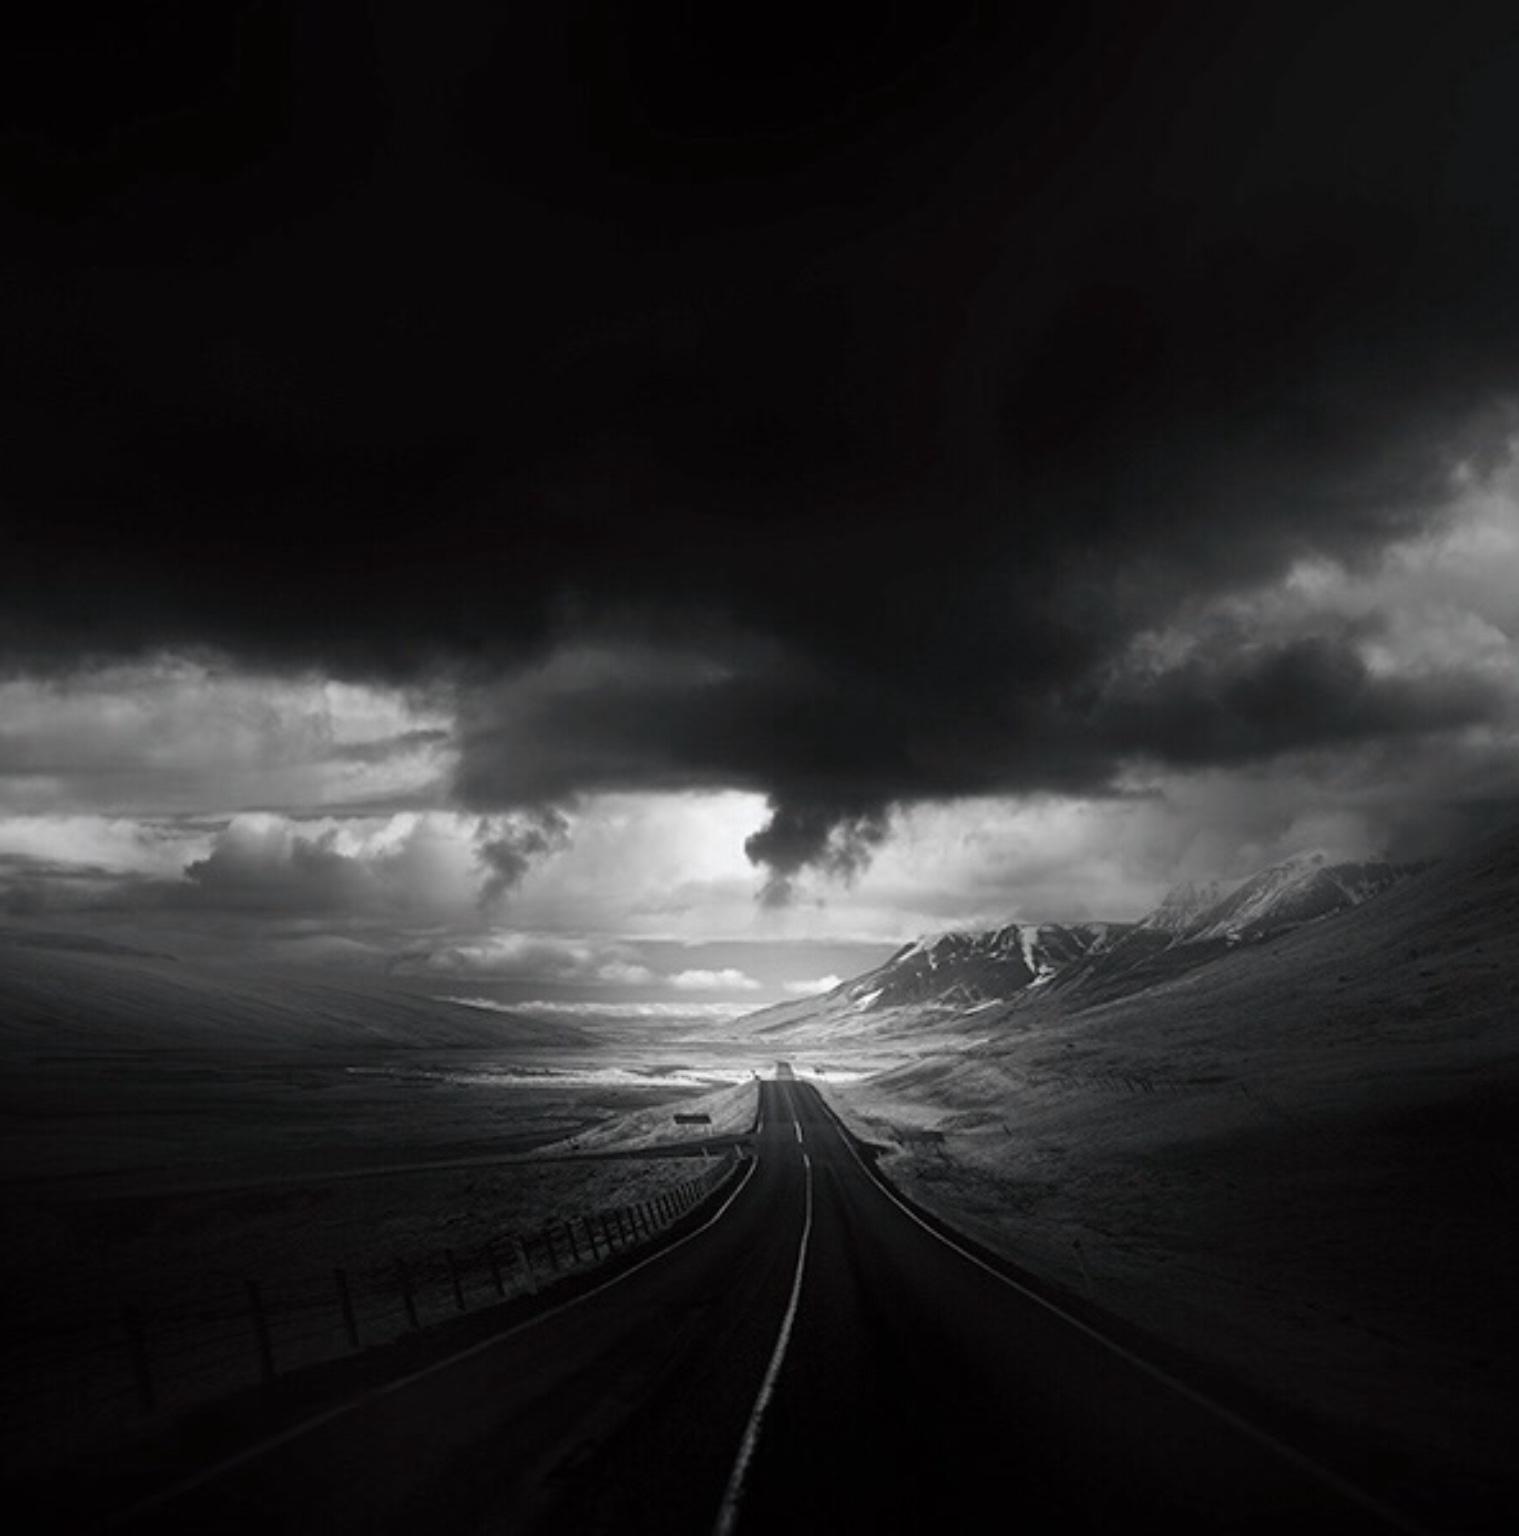 темное небо и дорога